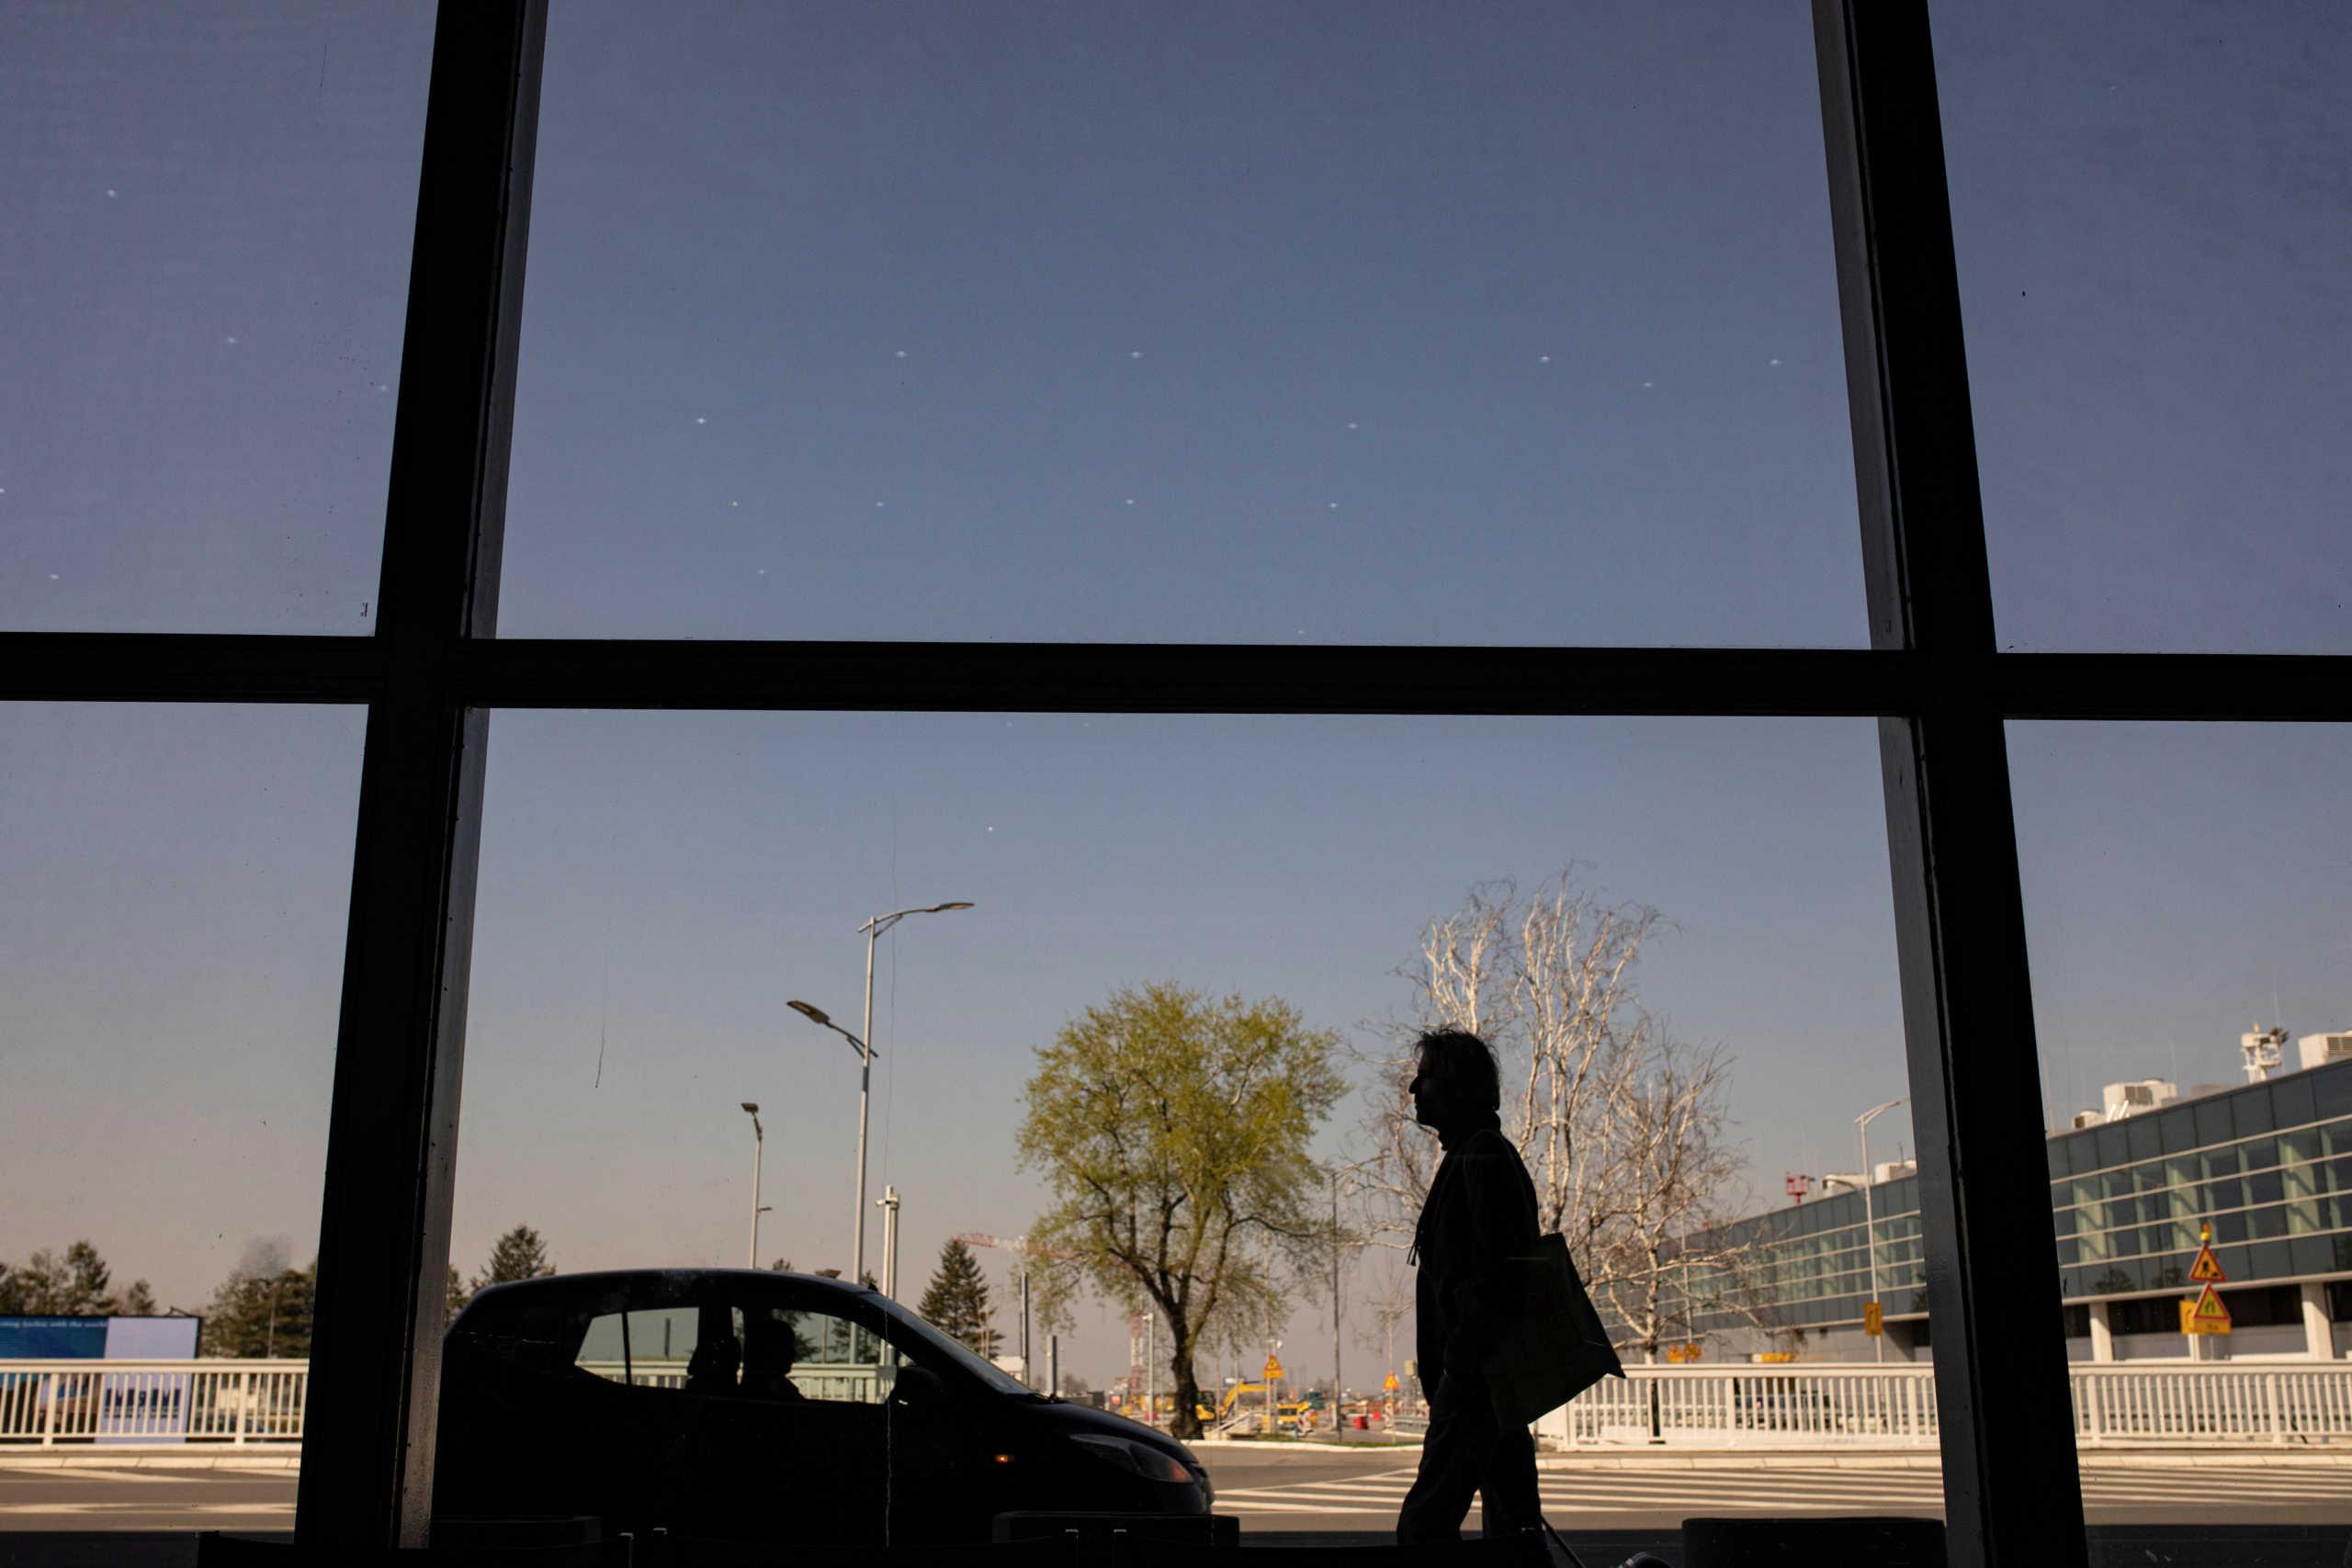 Κορονοϊός: Δεύτερος νεκρός στην Σερβία, πρώτος στο Κόσοβο!